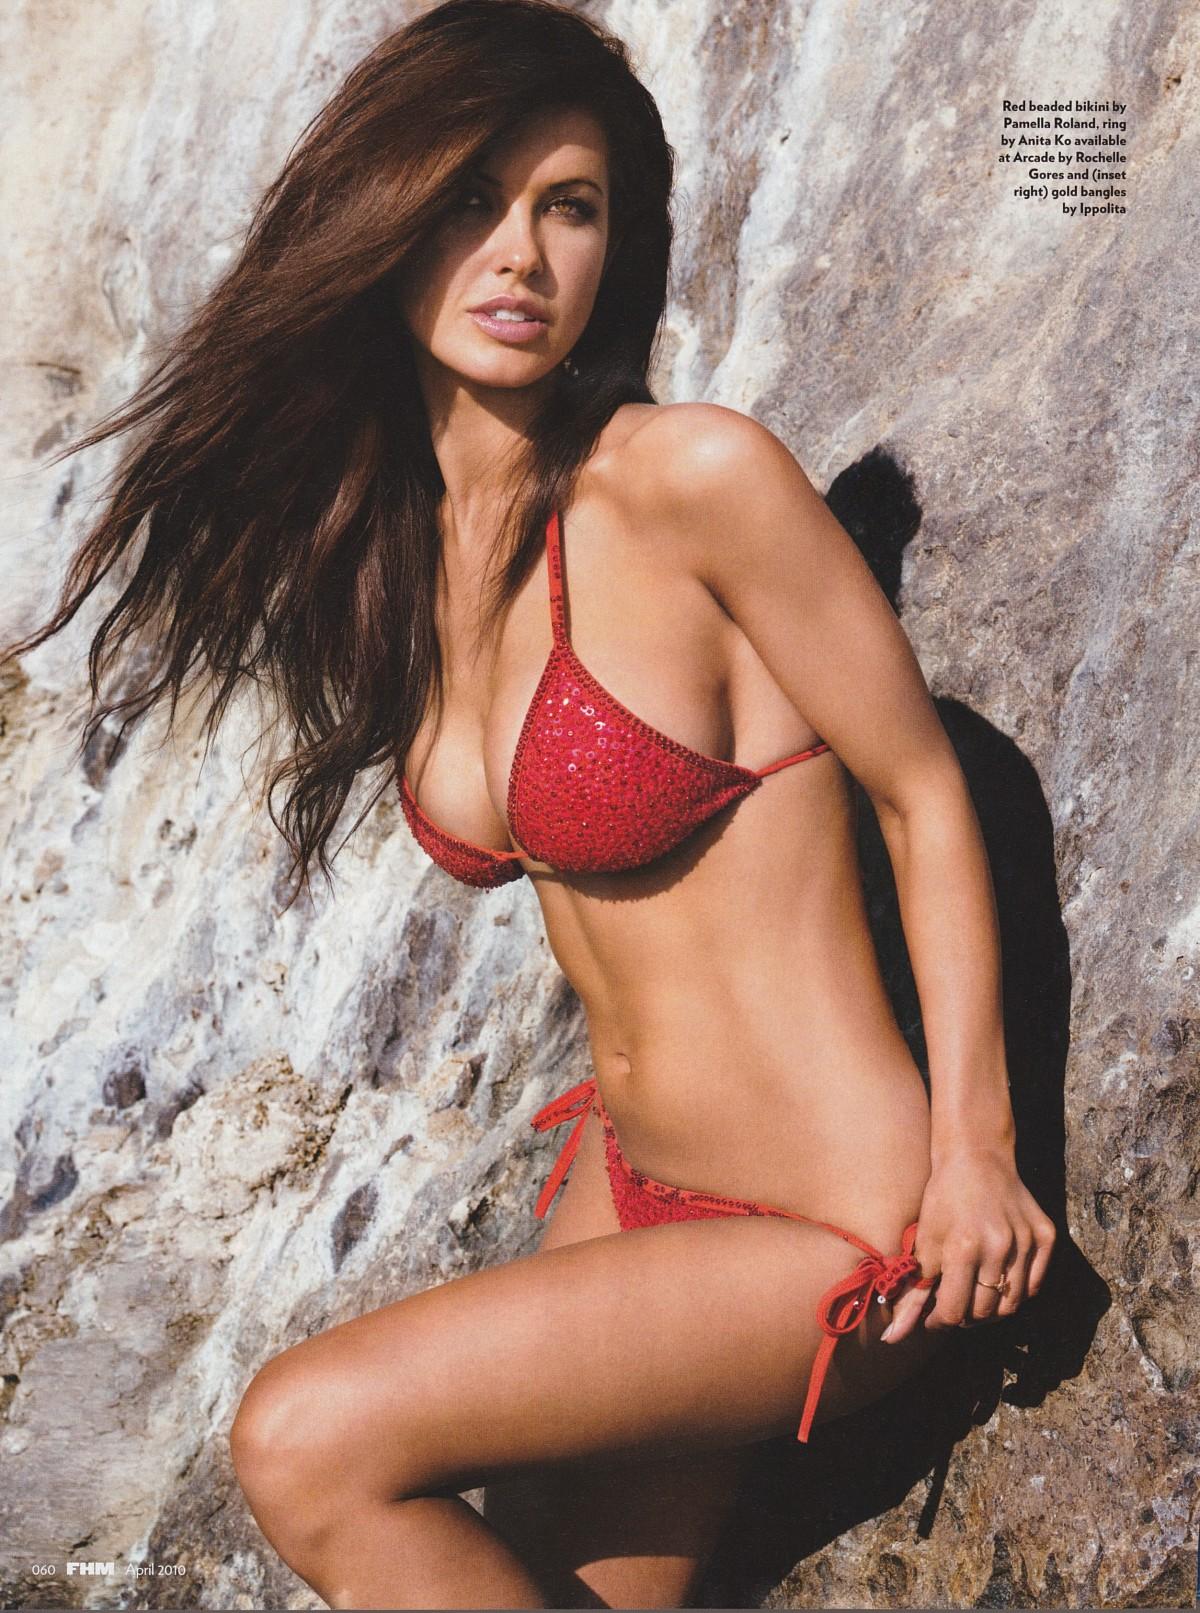 http://11even.files.wordpress.com/2010/03/audrina-patridge-bikini-fhm-03.jpg